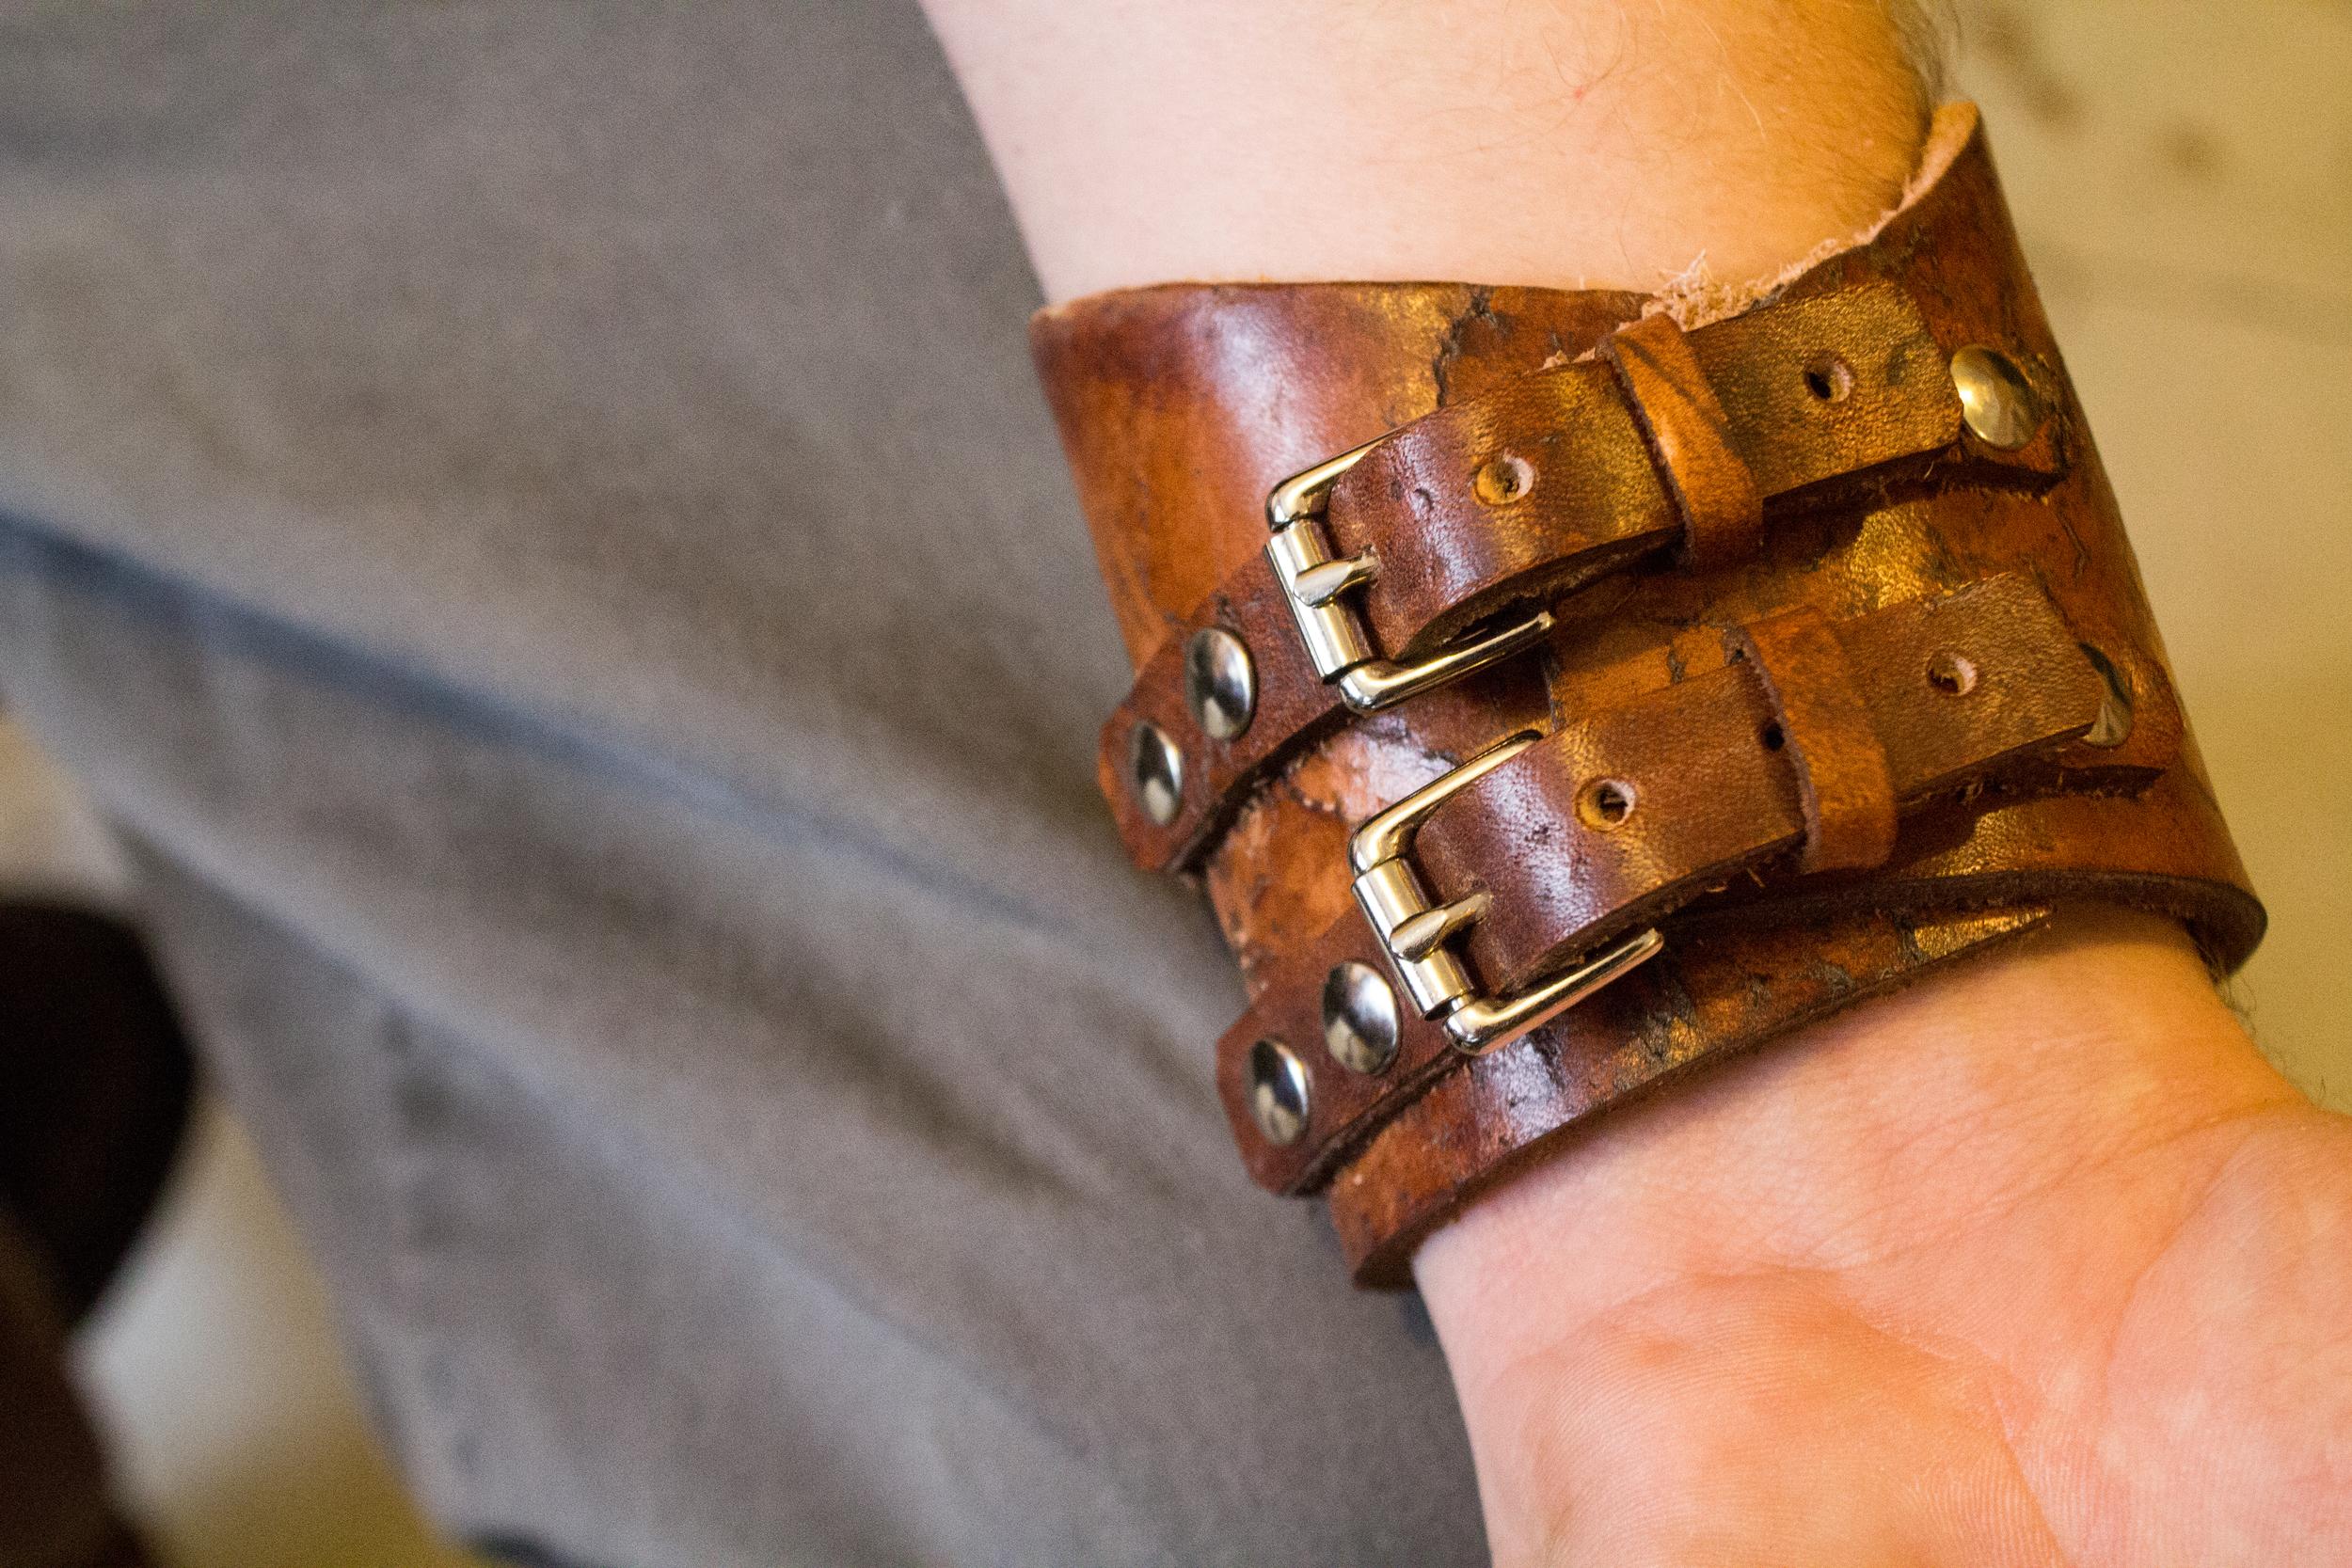 Rocker Cross Leather Buckle Cuff-3.jpg